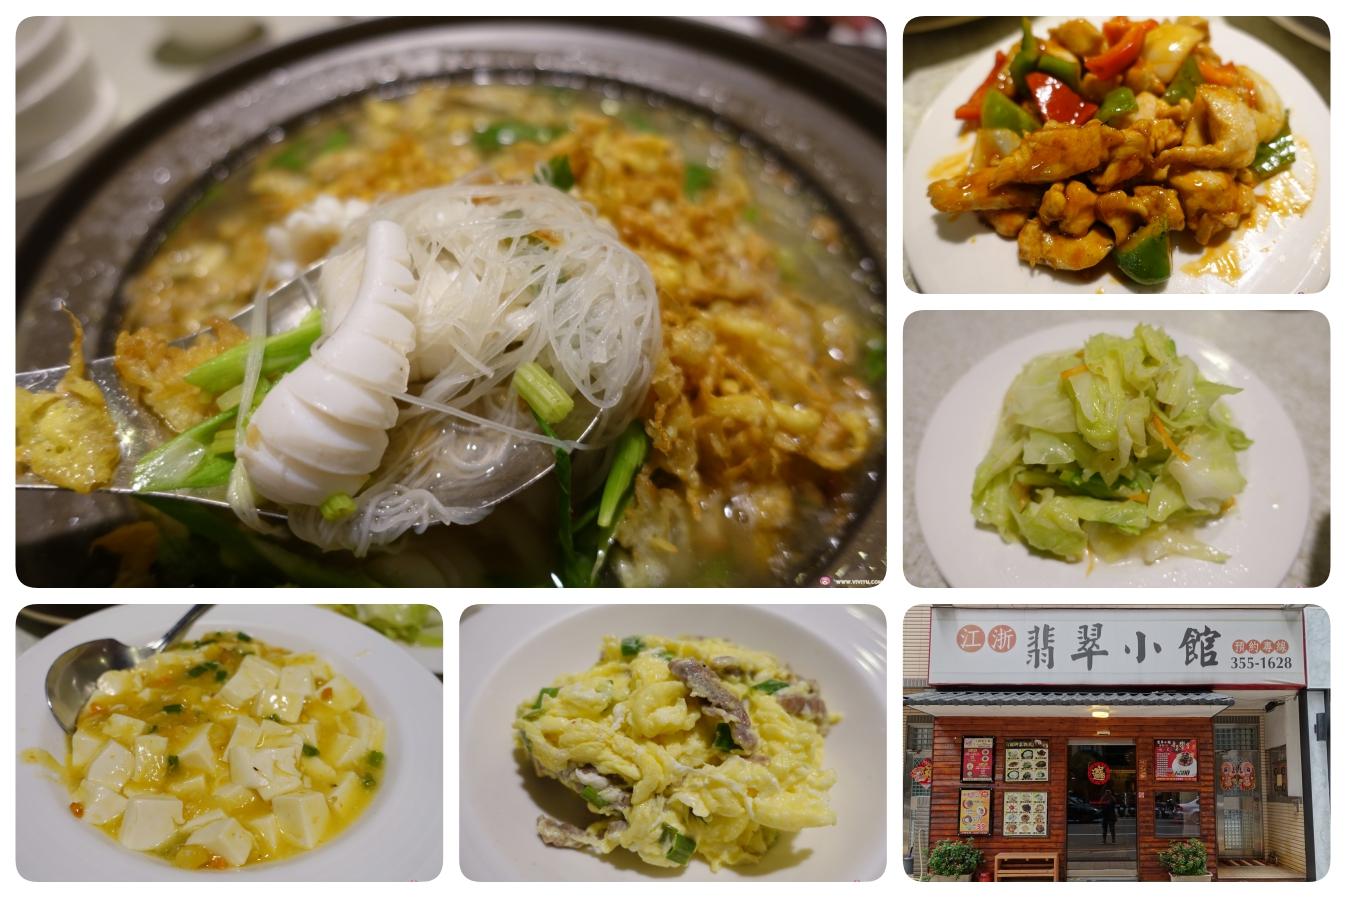 [桃園美食]翡翠小館~中正藝文特區裡的江浙美食.適合聚餐的中式餐廳